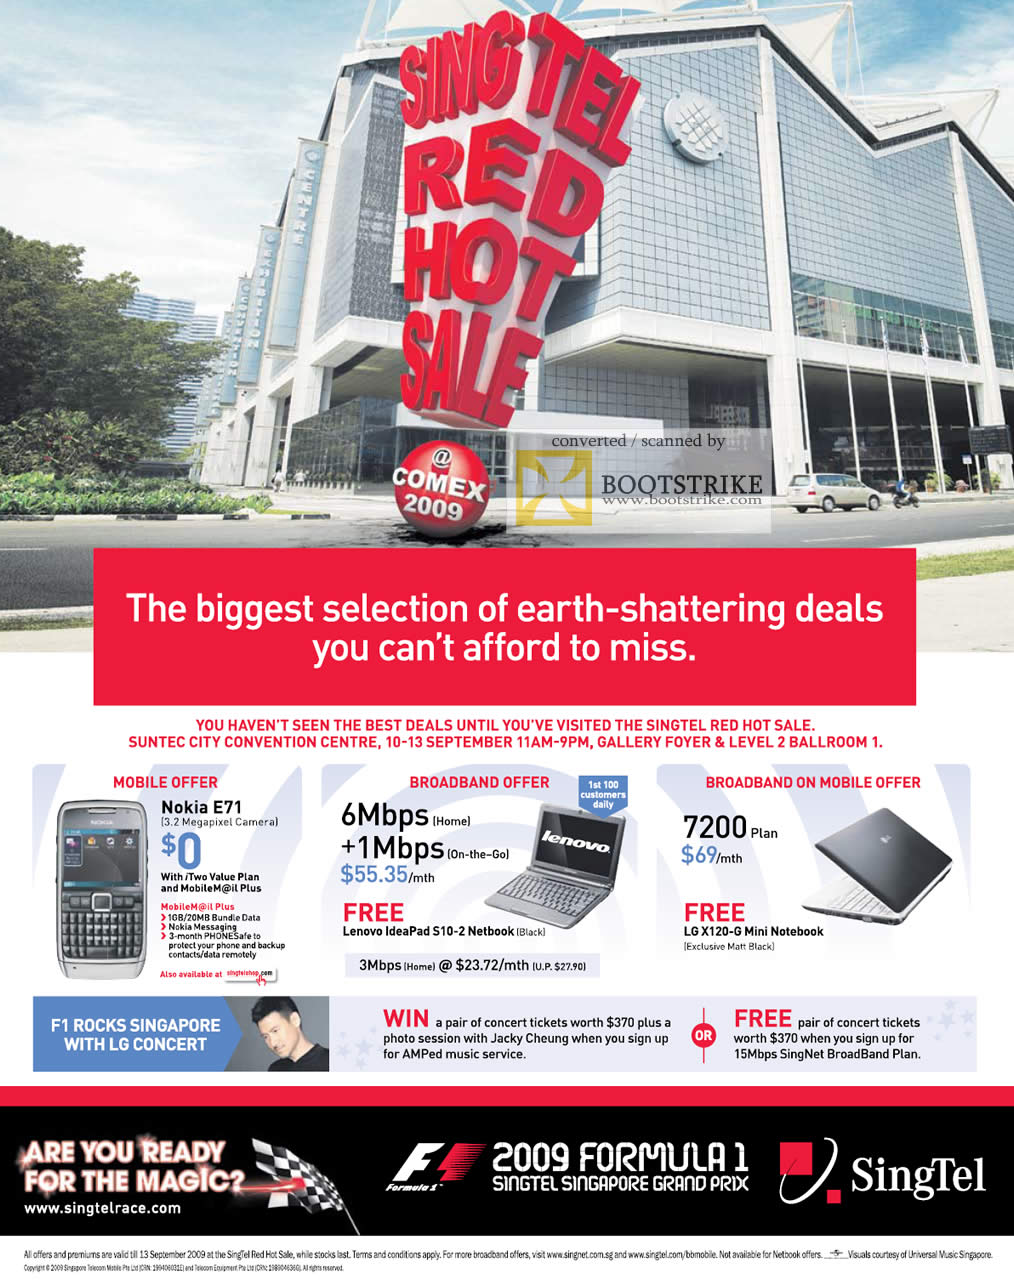 Deals mobile broadband